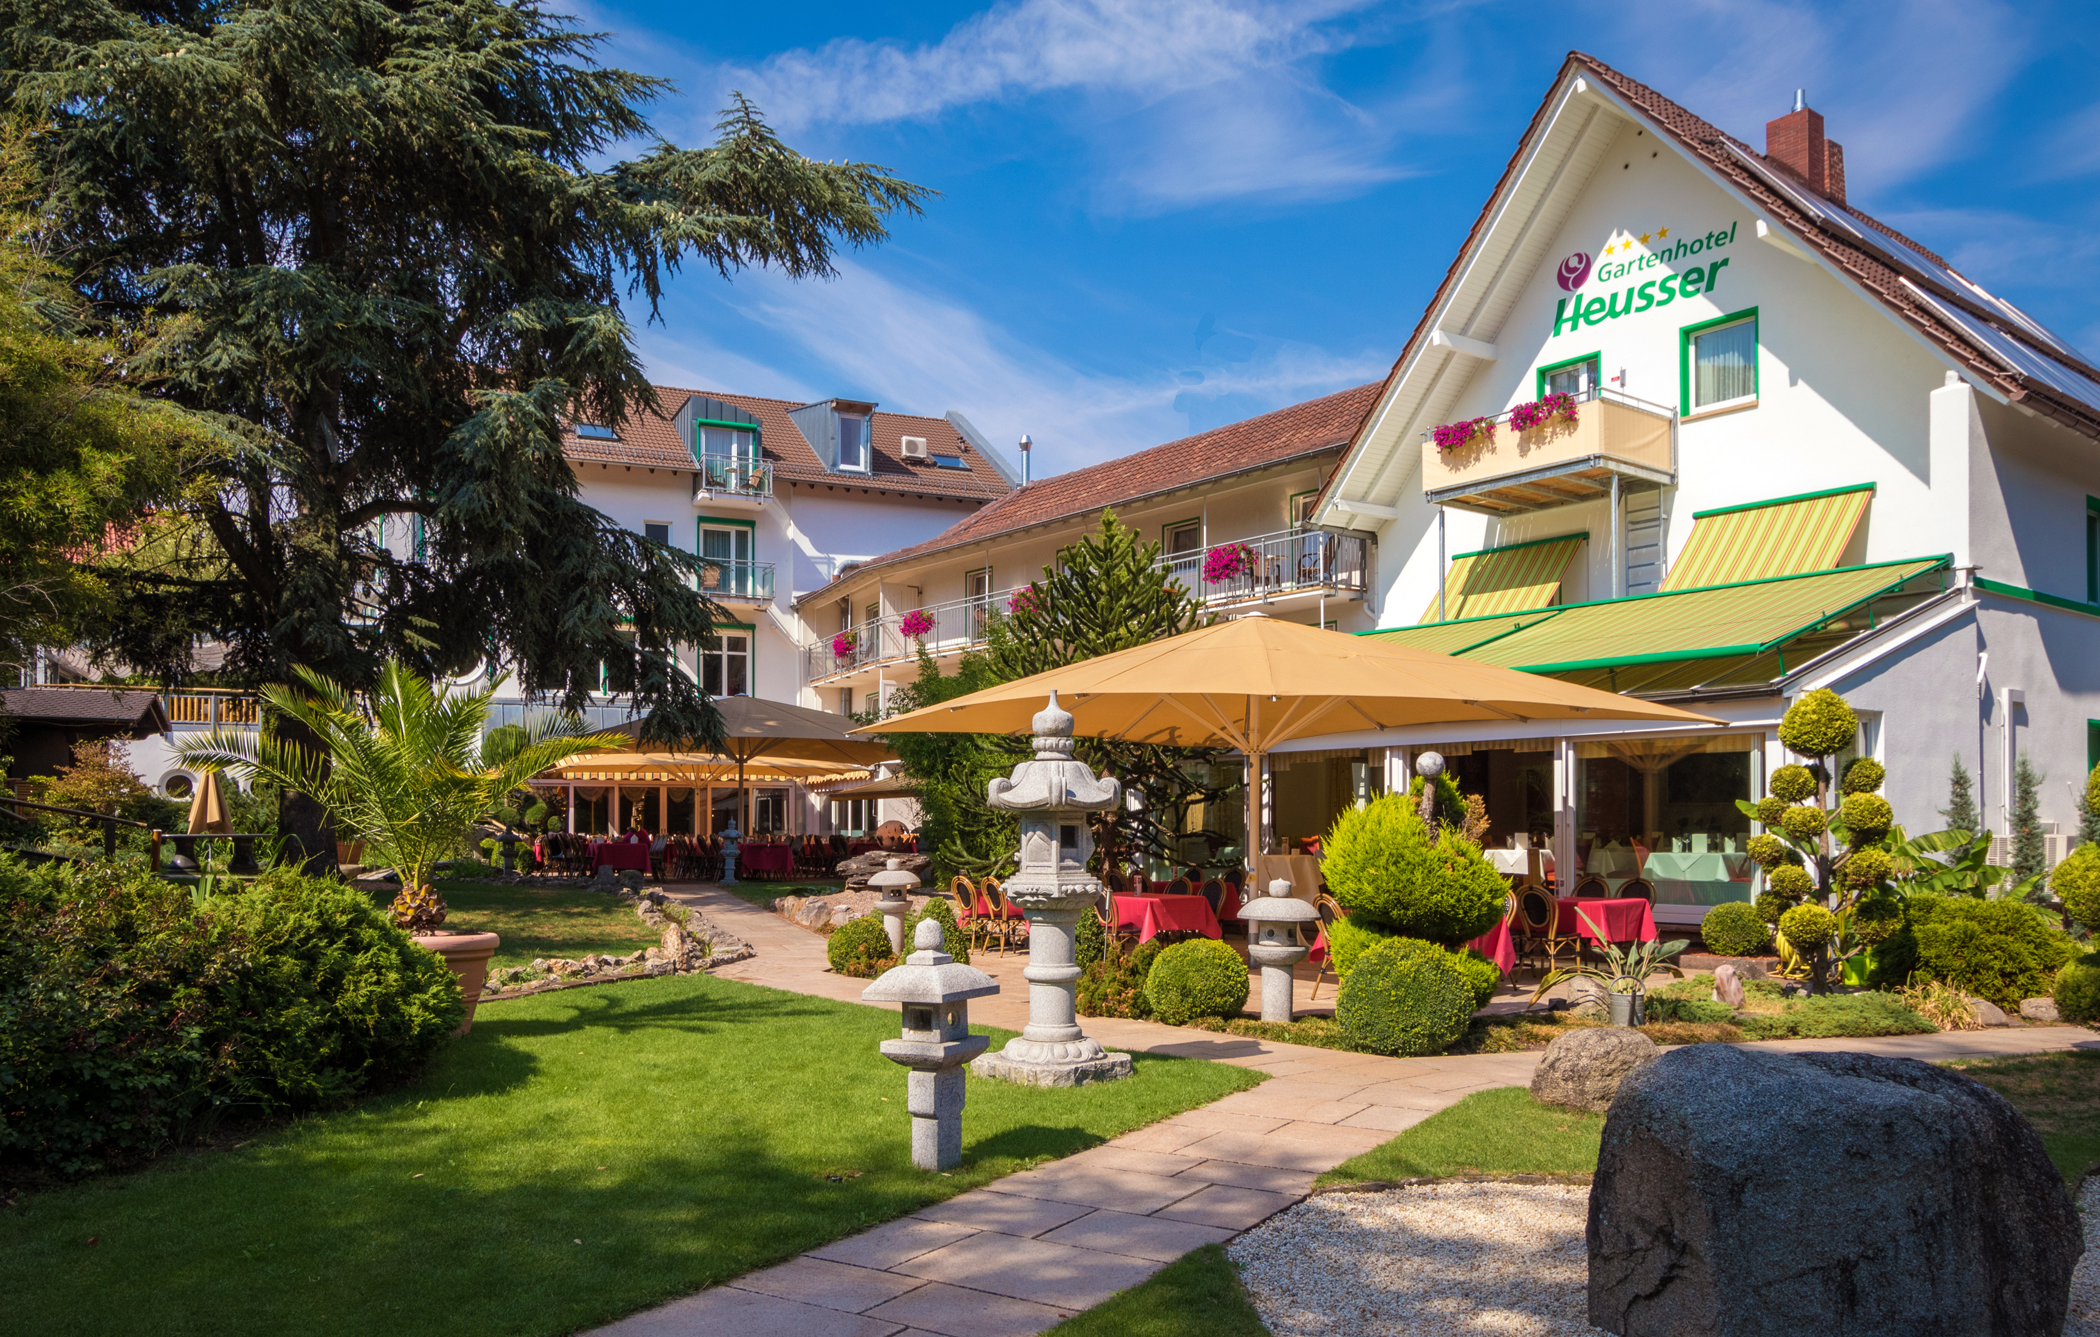 wellnesshotels-bad-duerkheim-bg7